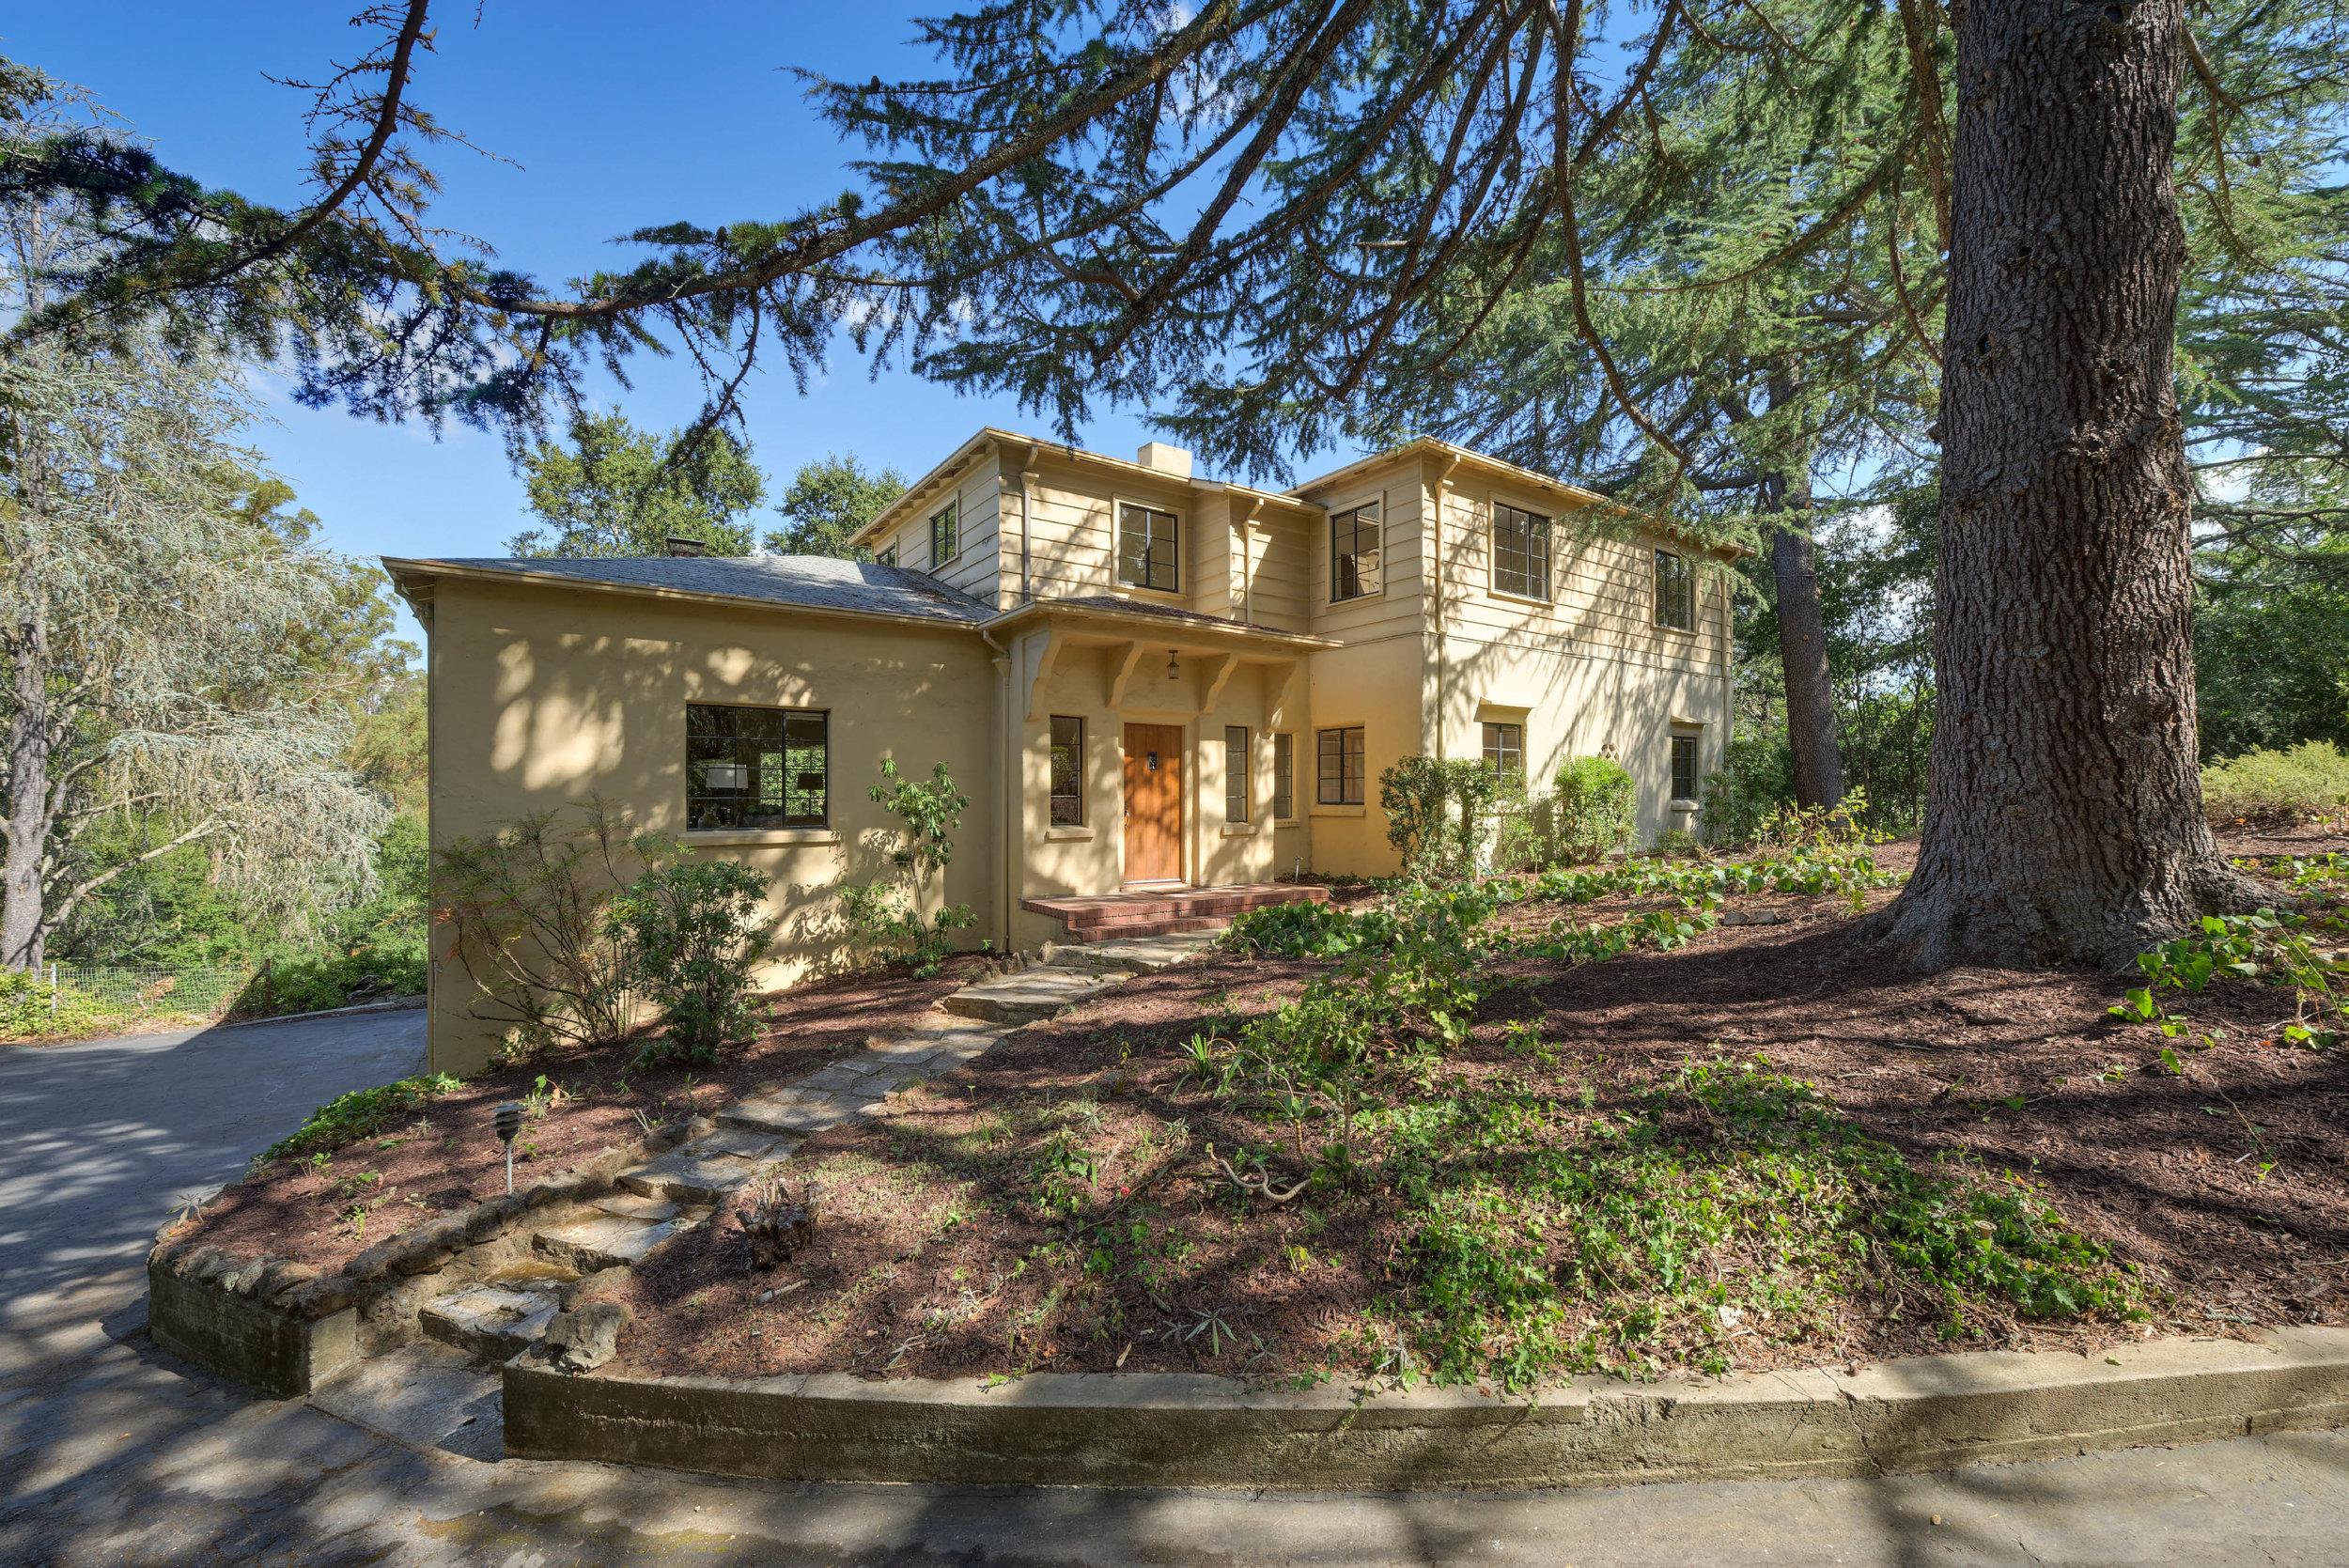 18800 Blythswood Dr, Los Gatos  5 bedrooms • 2.5 bathrooms • 2,829 sqft